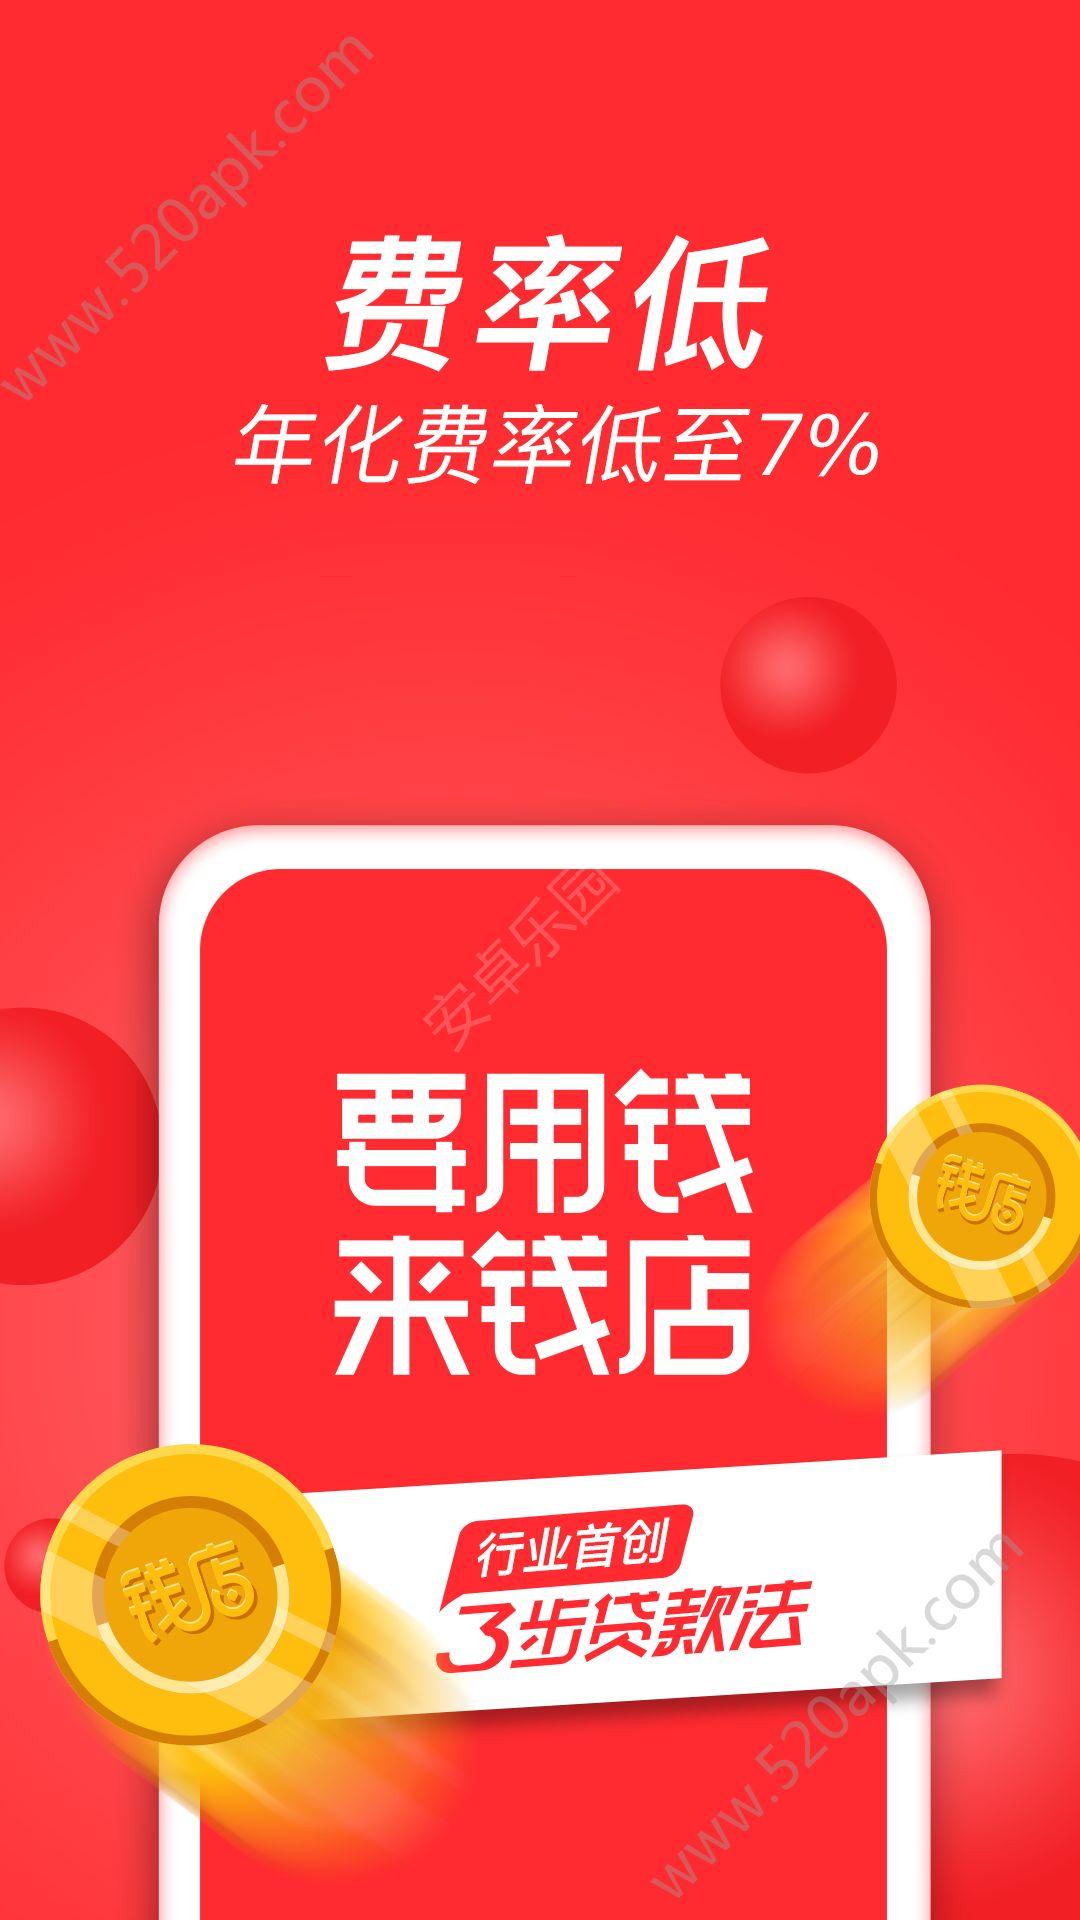 捞金袋手机贷款App官方口子安卓版图片1